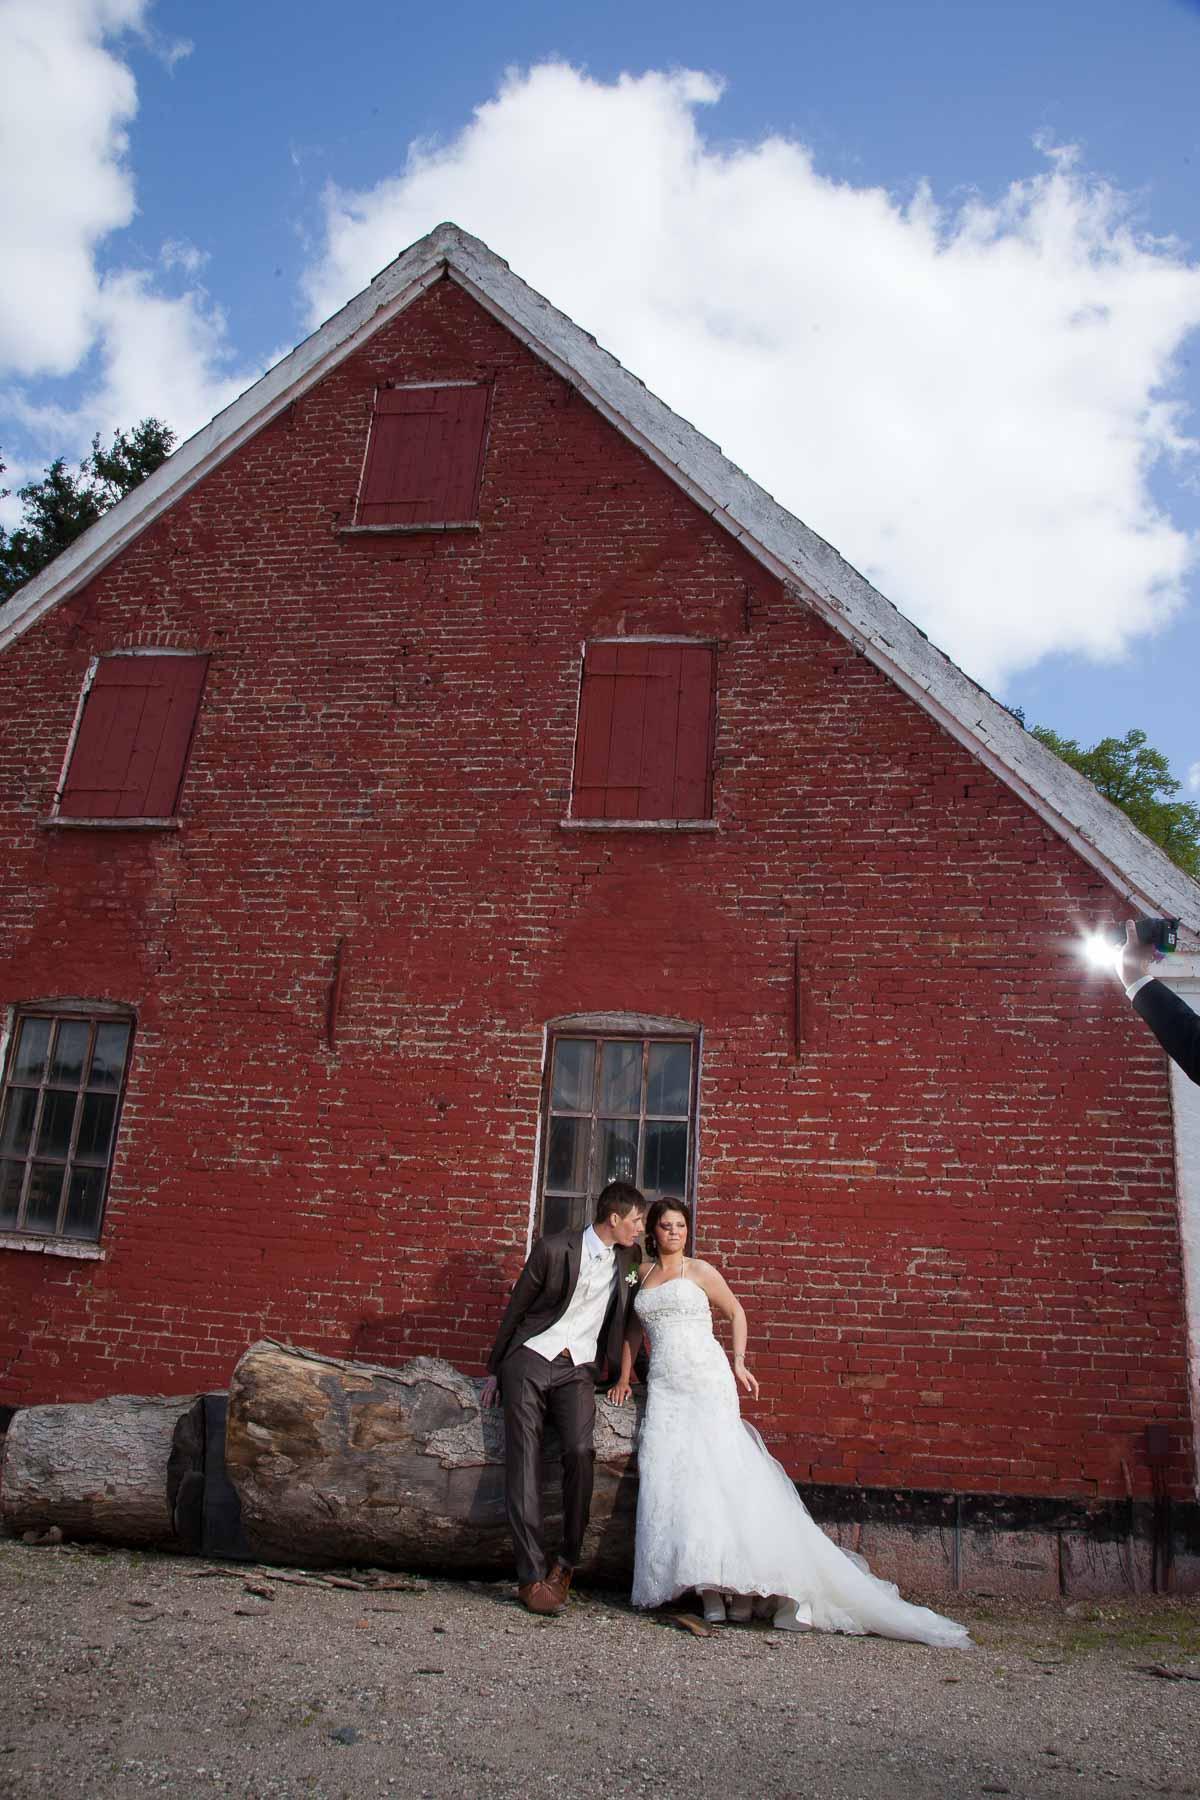 Bryllupsfotograf i Horsens